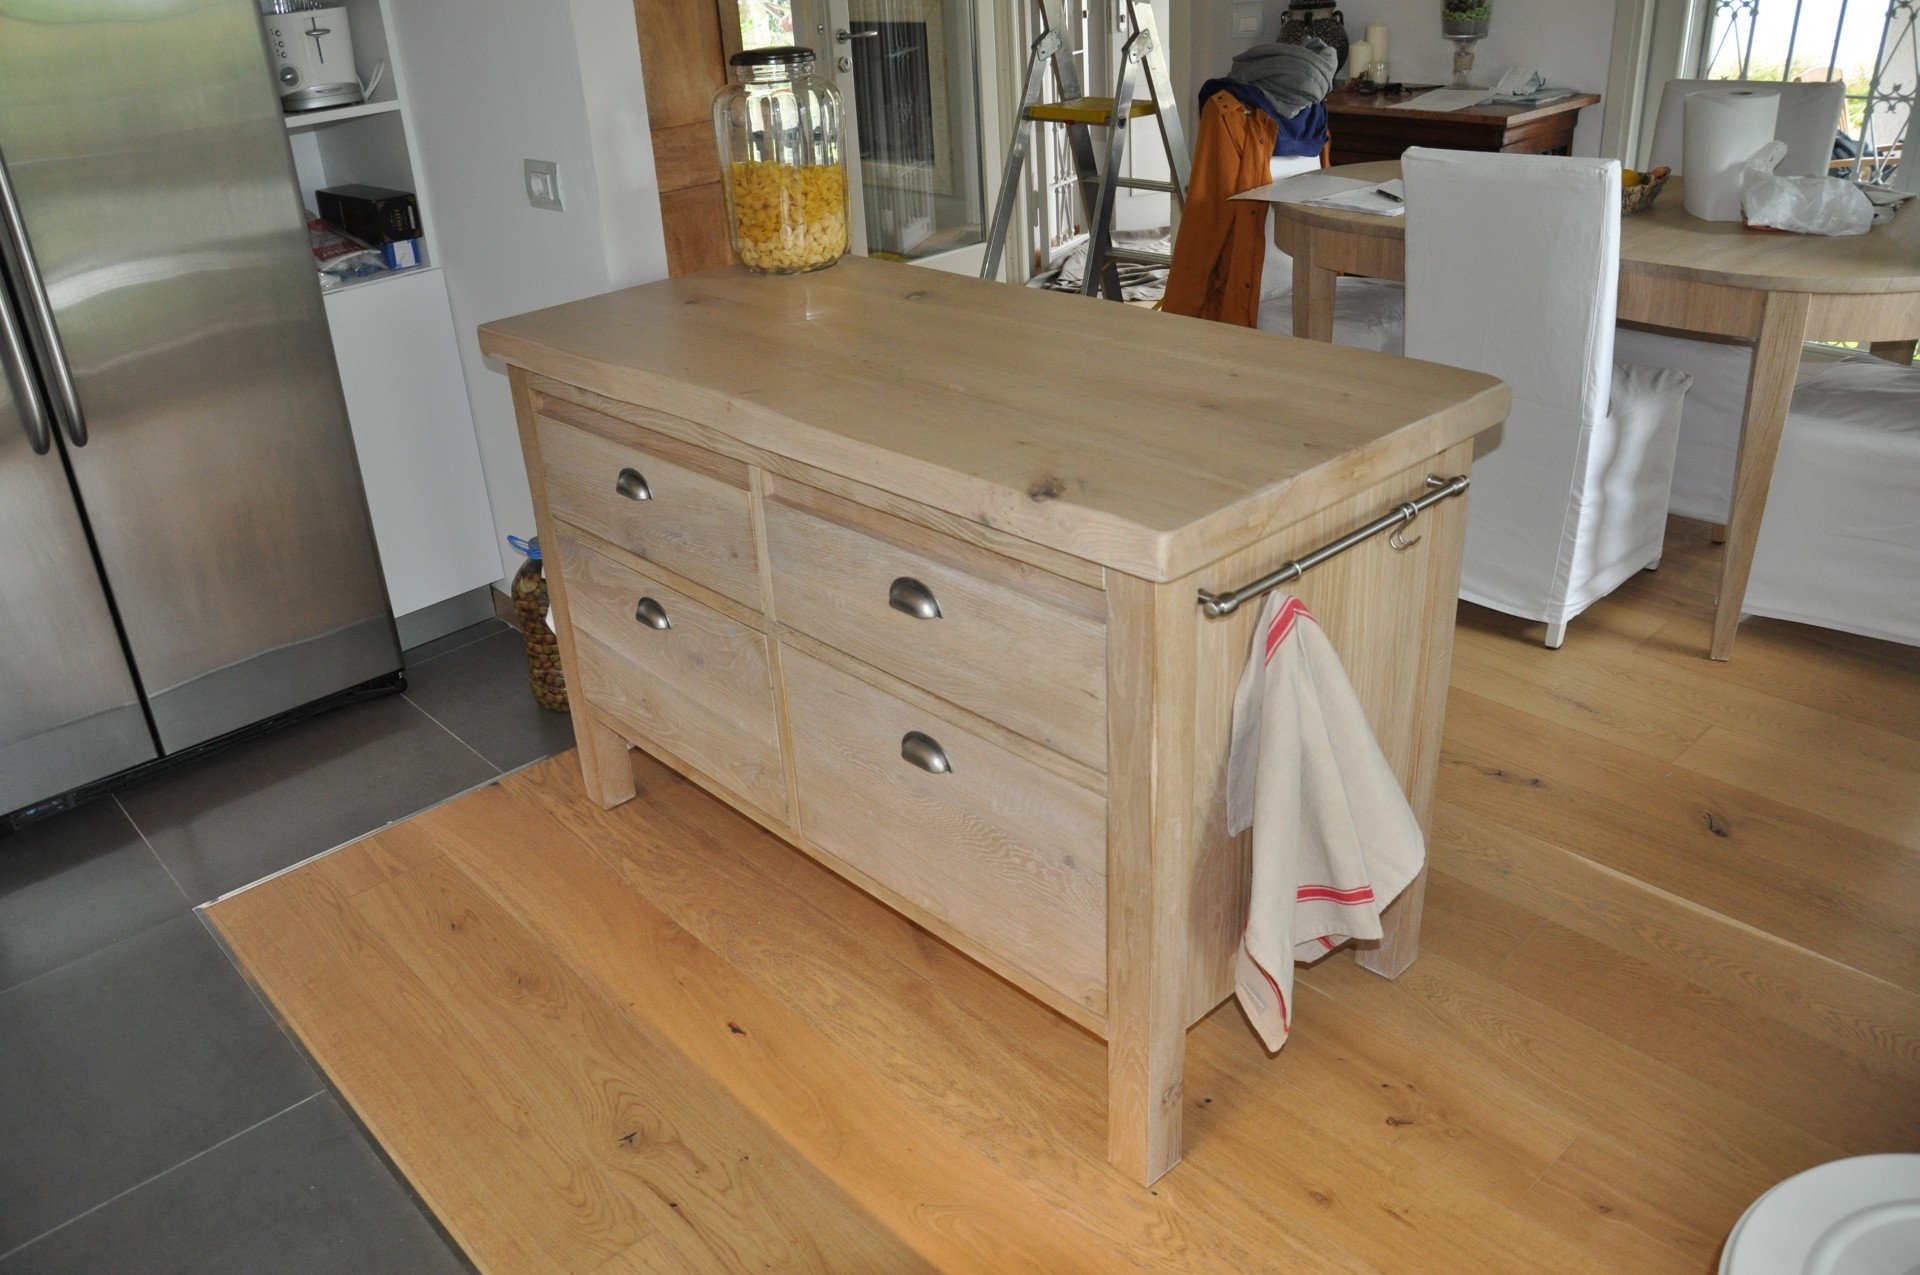 cucina moderna art 217 cucina costruita su misura in legno di frassino ...